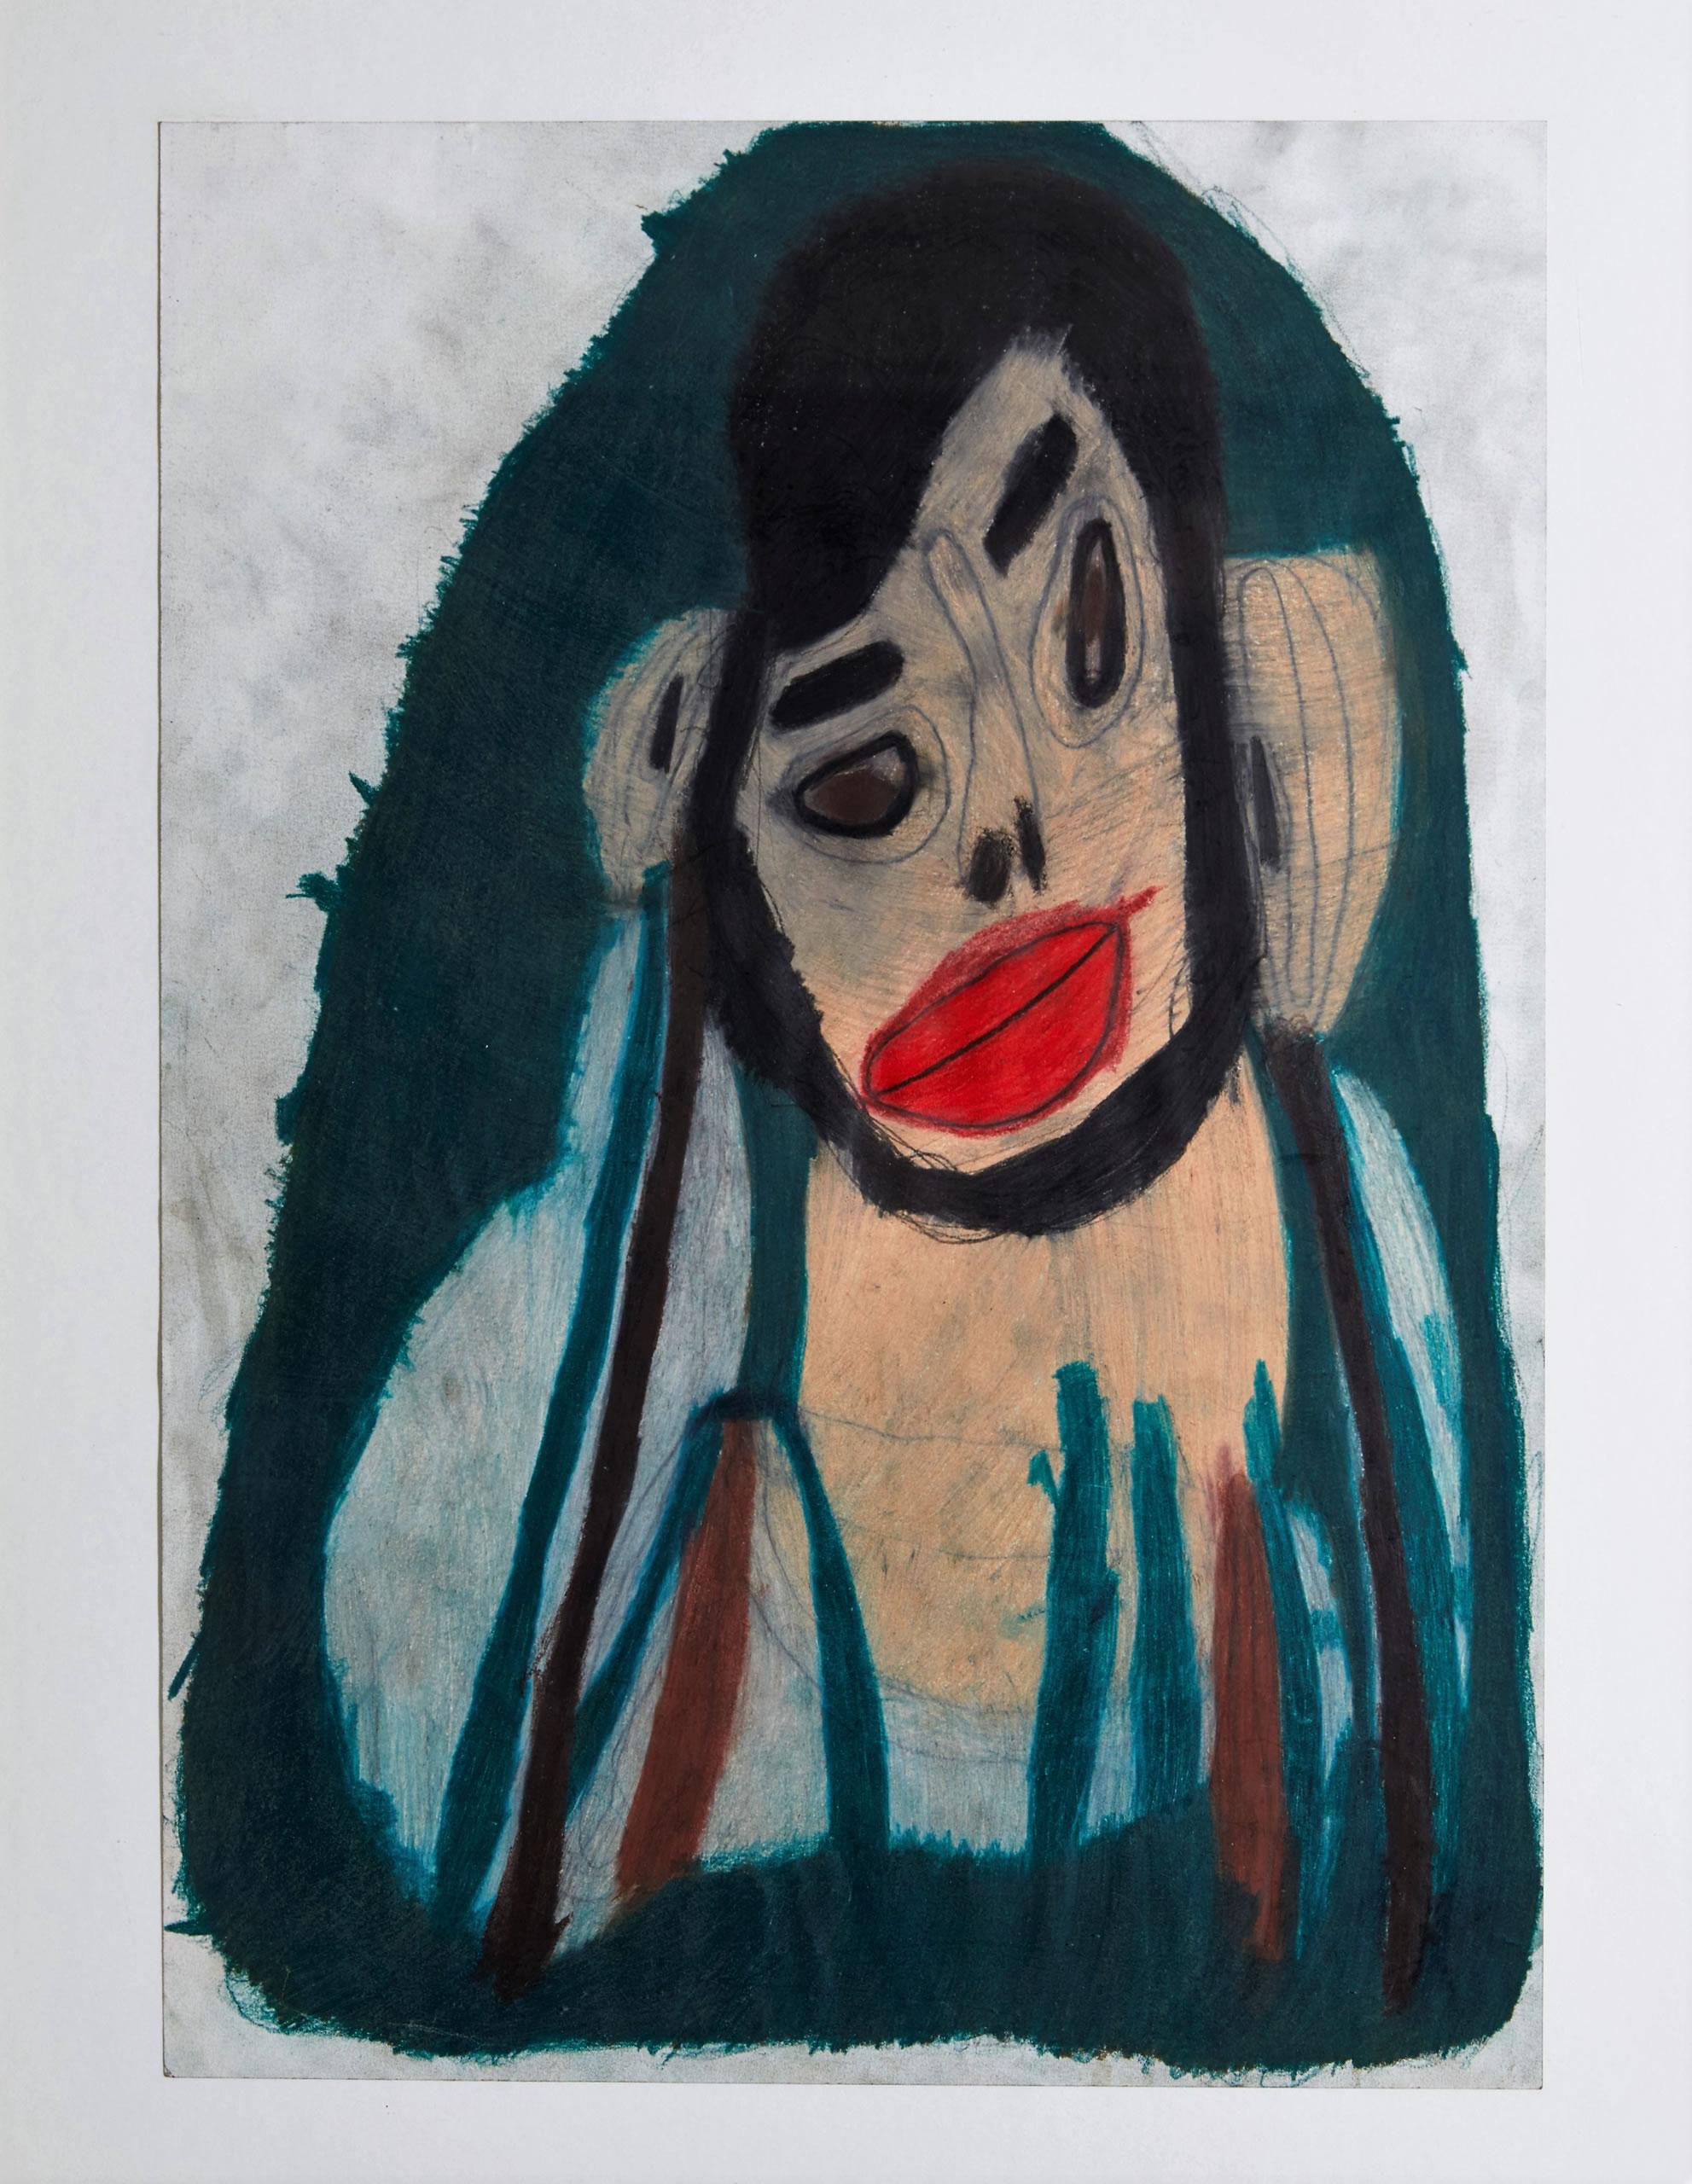 Sylvia Manfreda | Bärtiger junger Mann | 2013 | Buntstift auf Papier | 42 x 30 cm | Foto Johannes Puch | Galerie3